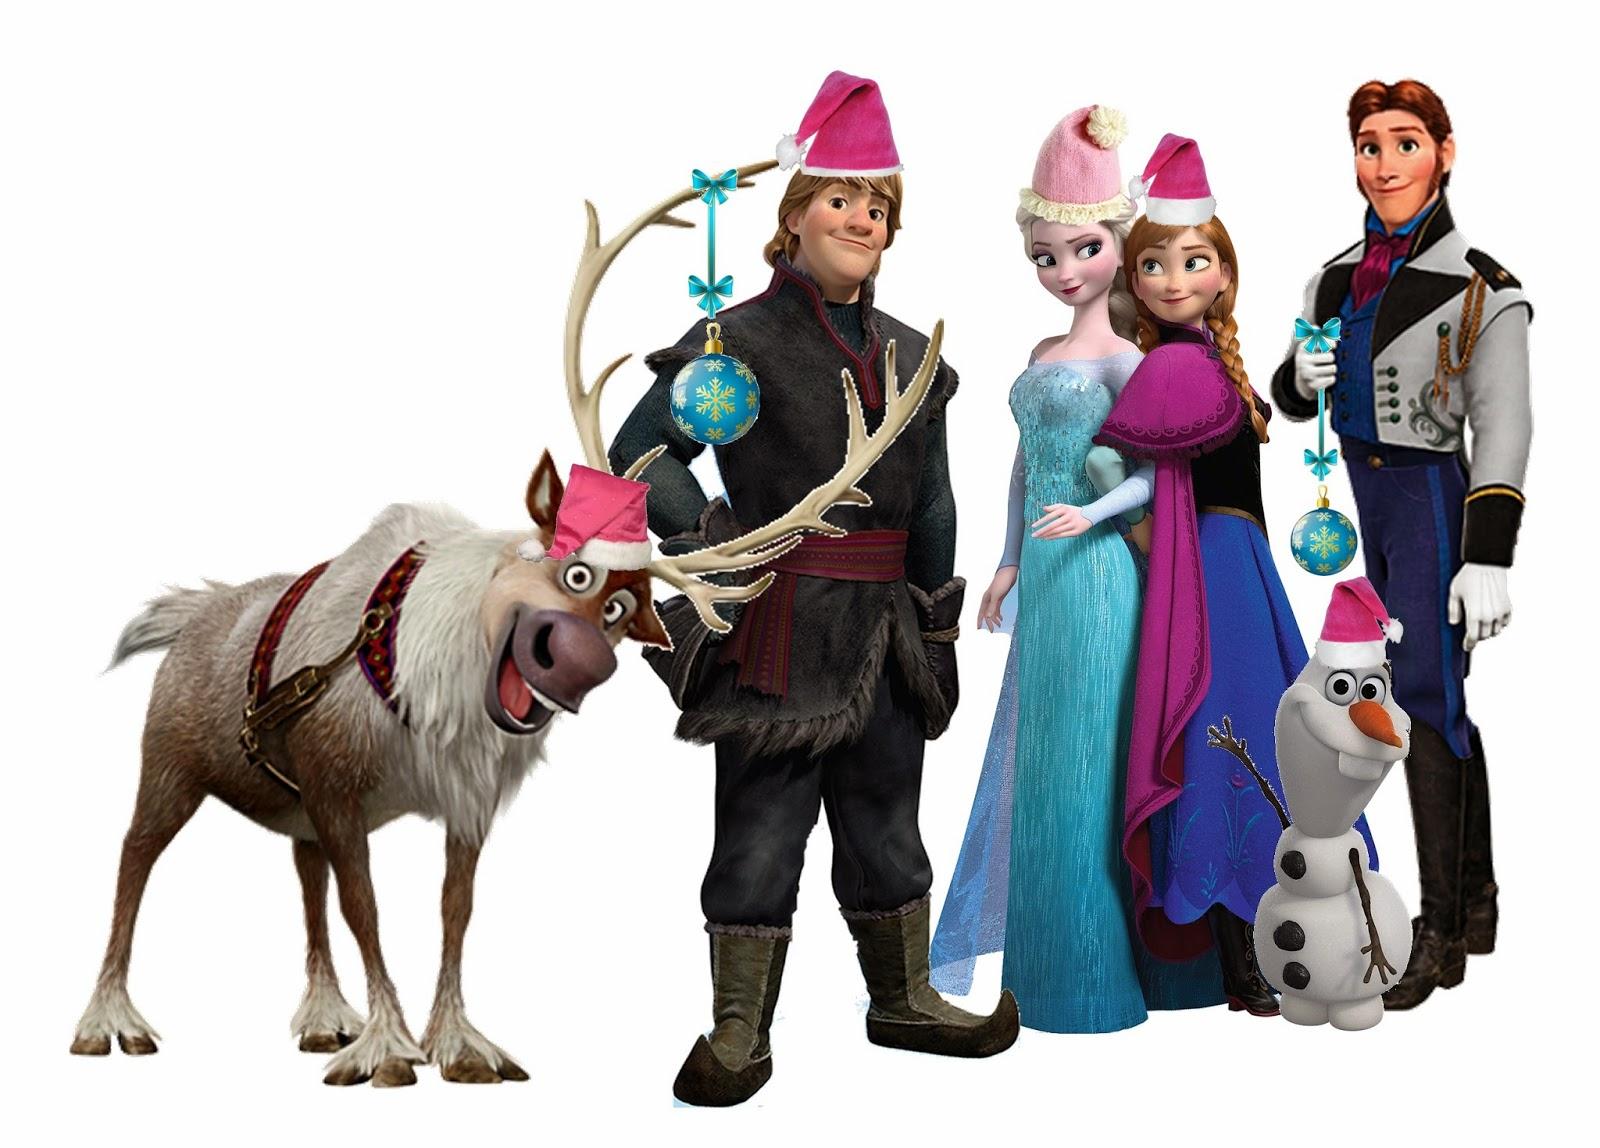 Imágenes para imprimir gratis de Frozen para Navidad.